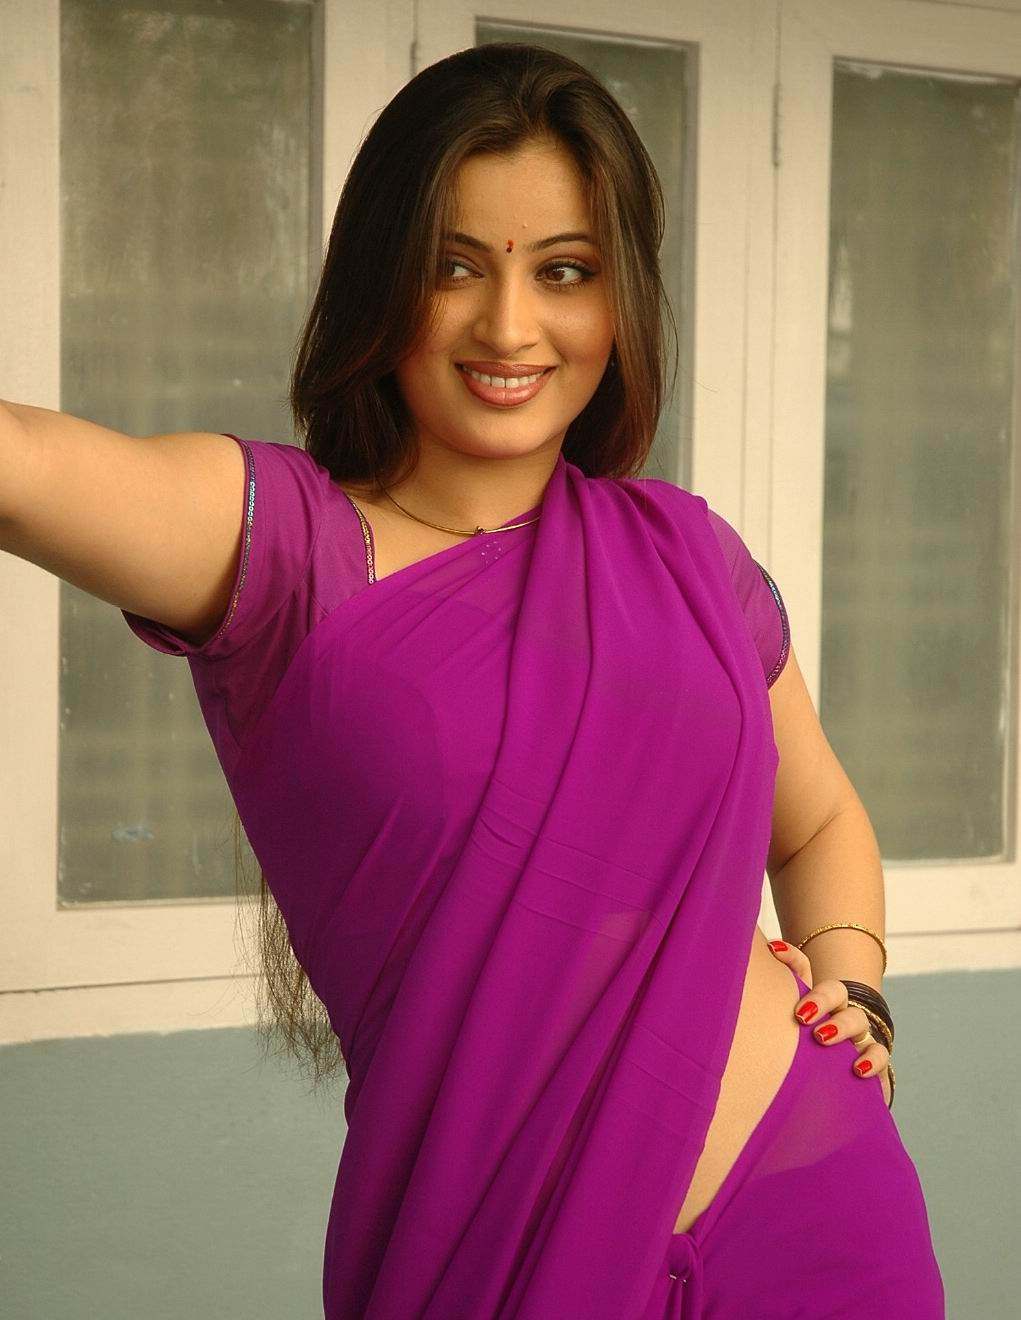 INDIAN ACTRESS: South Indian actress Navaneet Kaur Hot and ...